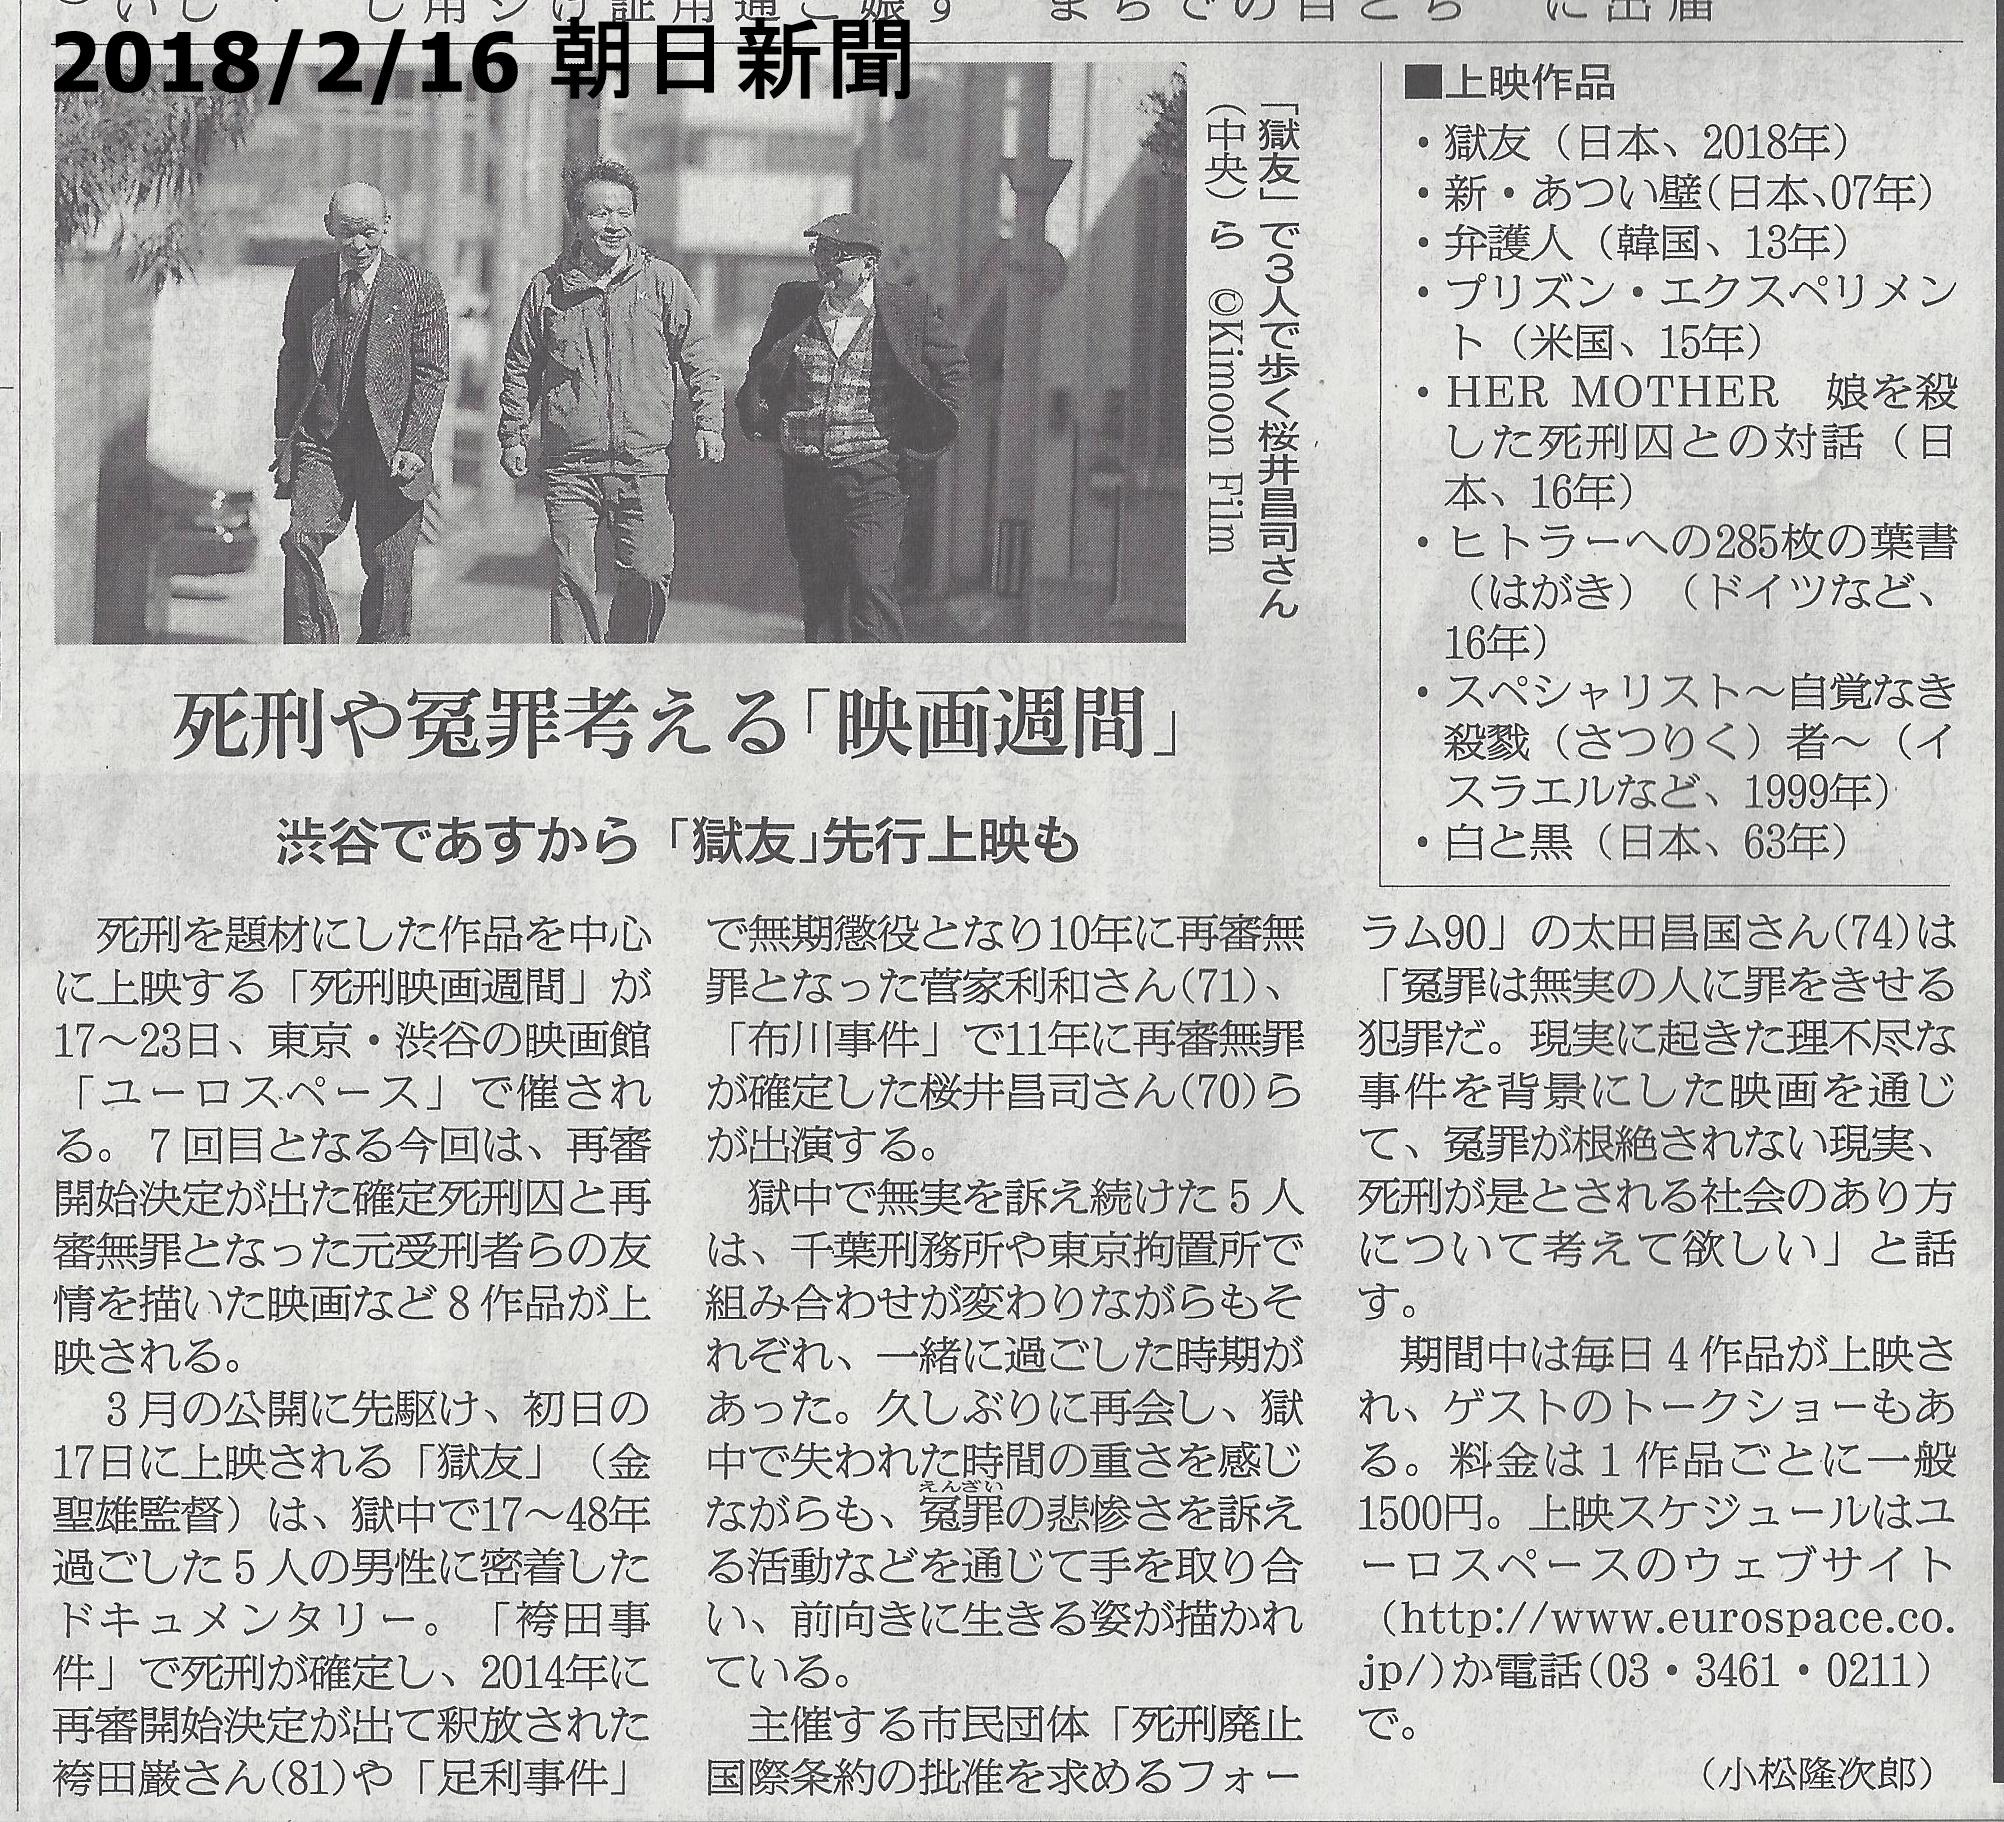 2018.2.16 朝日新聞